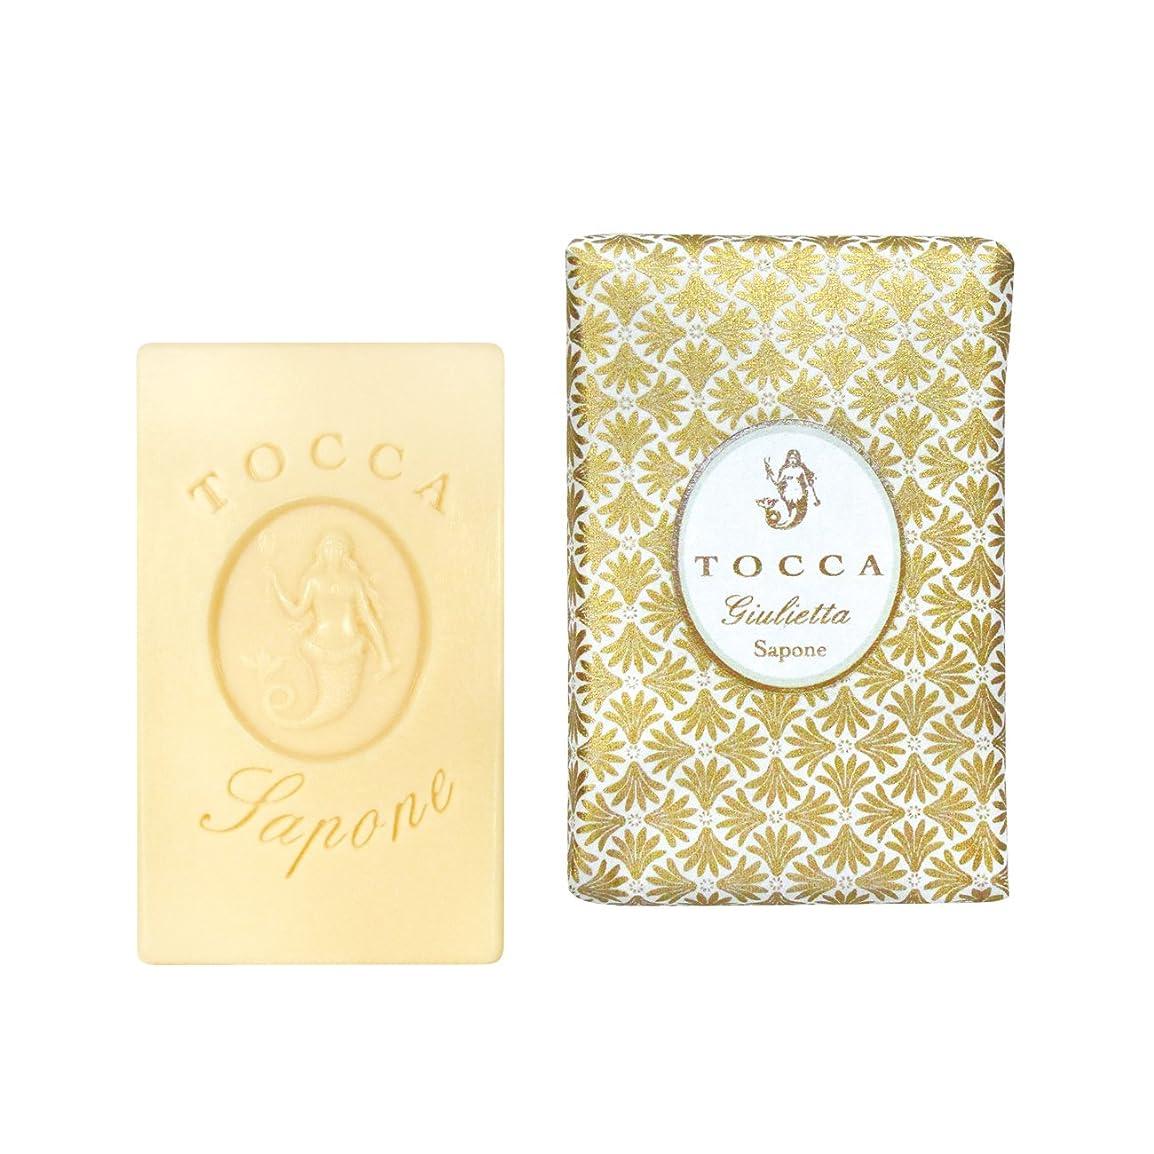 工夫する違反するエアコントッカ(TOCCA) ソープバー ジュリエッタの香り 113g(化粧石けん ピンクチューリップとグリーンアップルの爽やかで甘い香り)